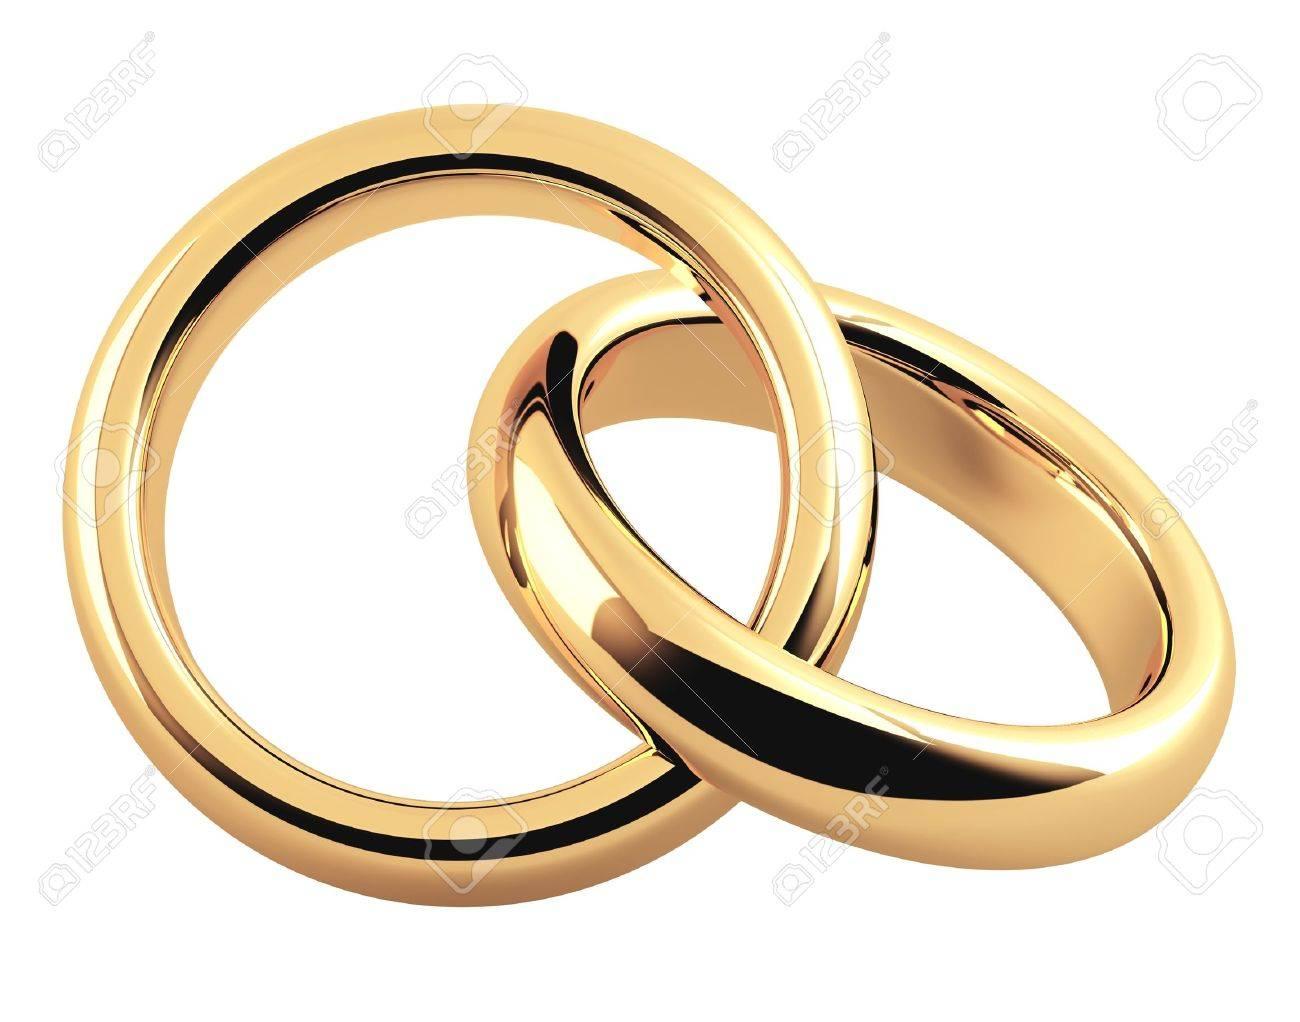 Deux bagues de mariage